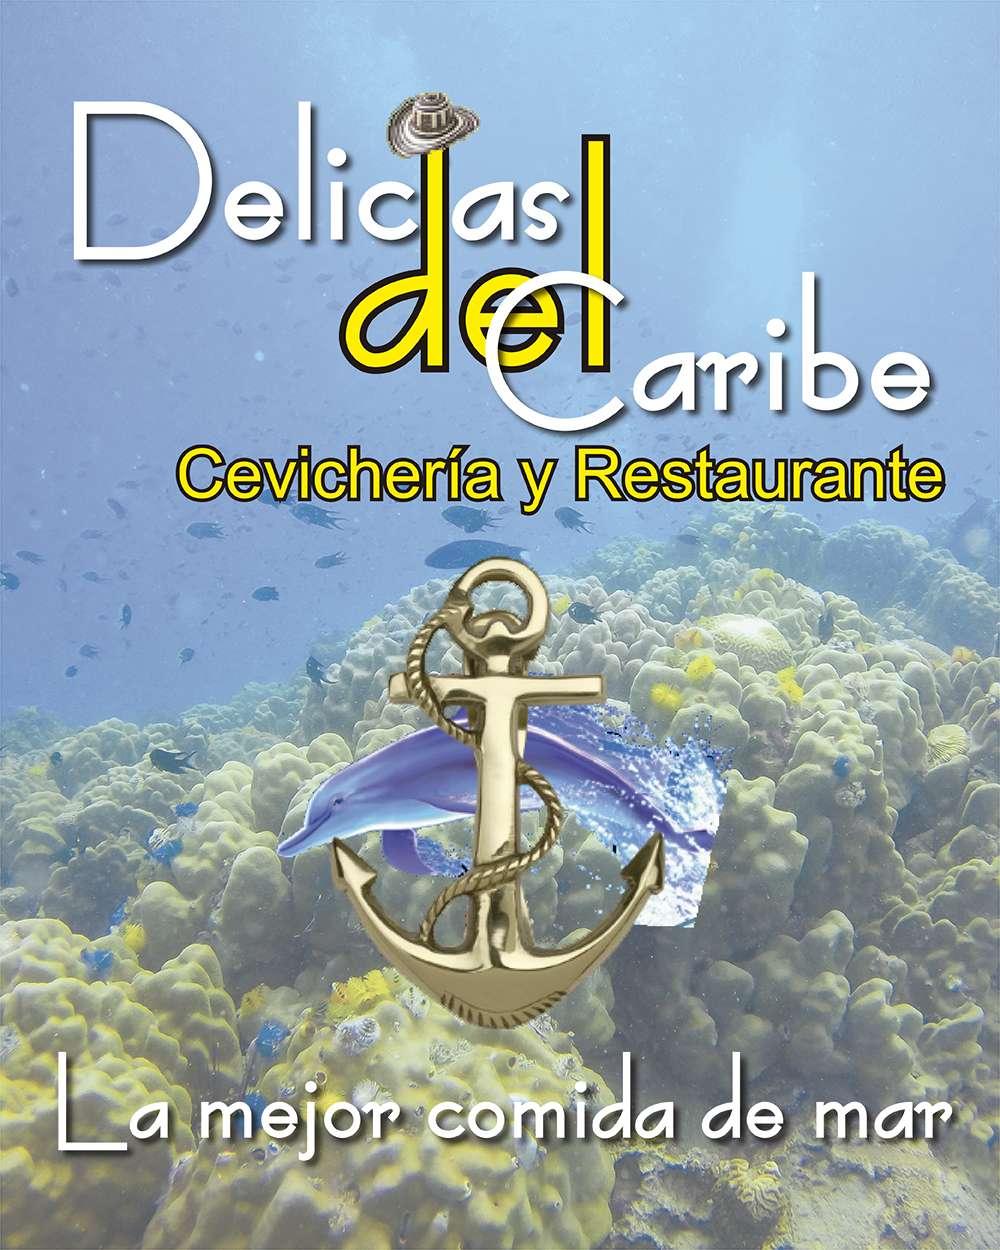 Delicias del Caribe